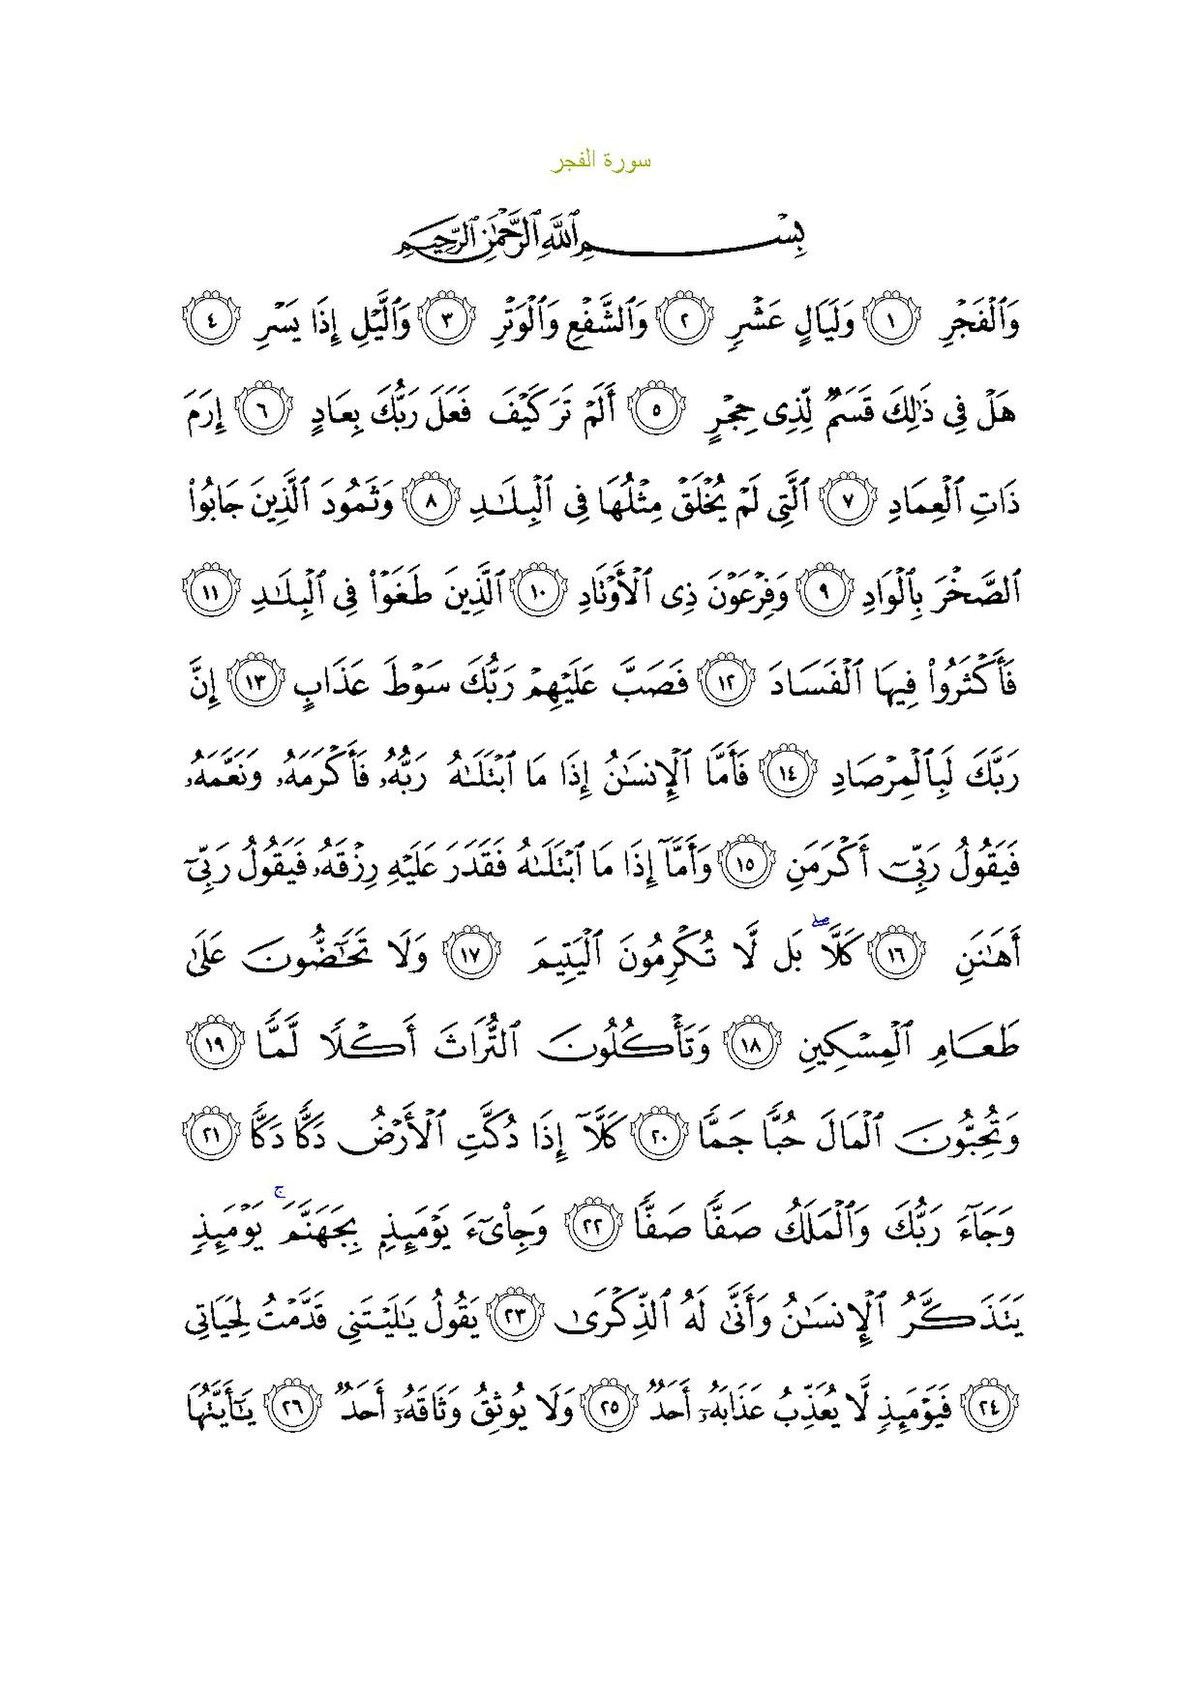 إعراب سورة الفجر إعراب القرآن